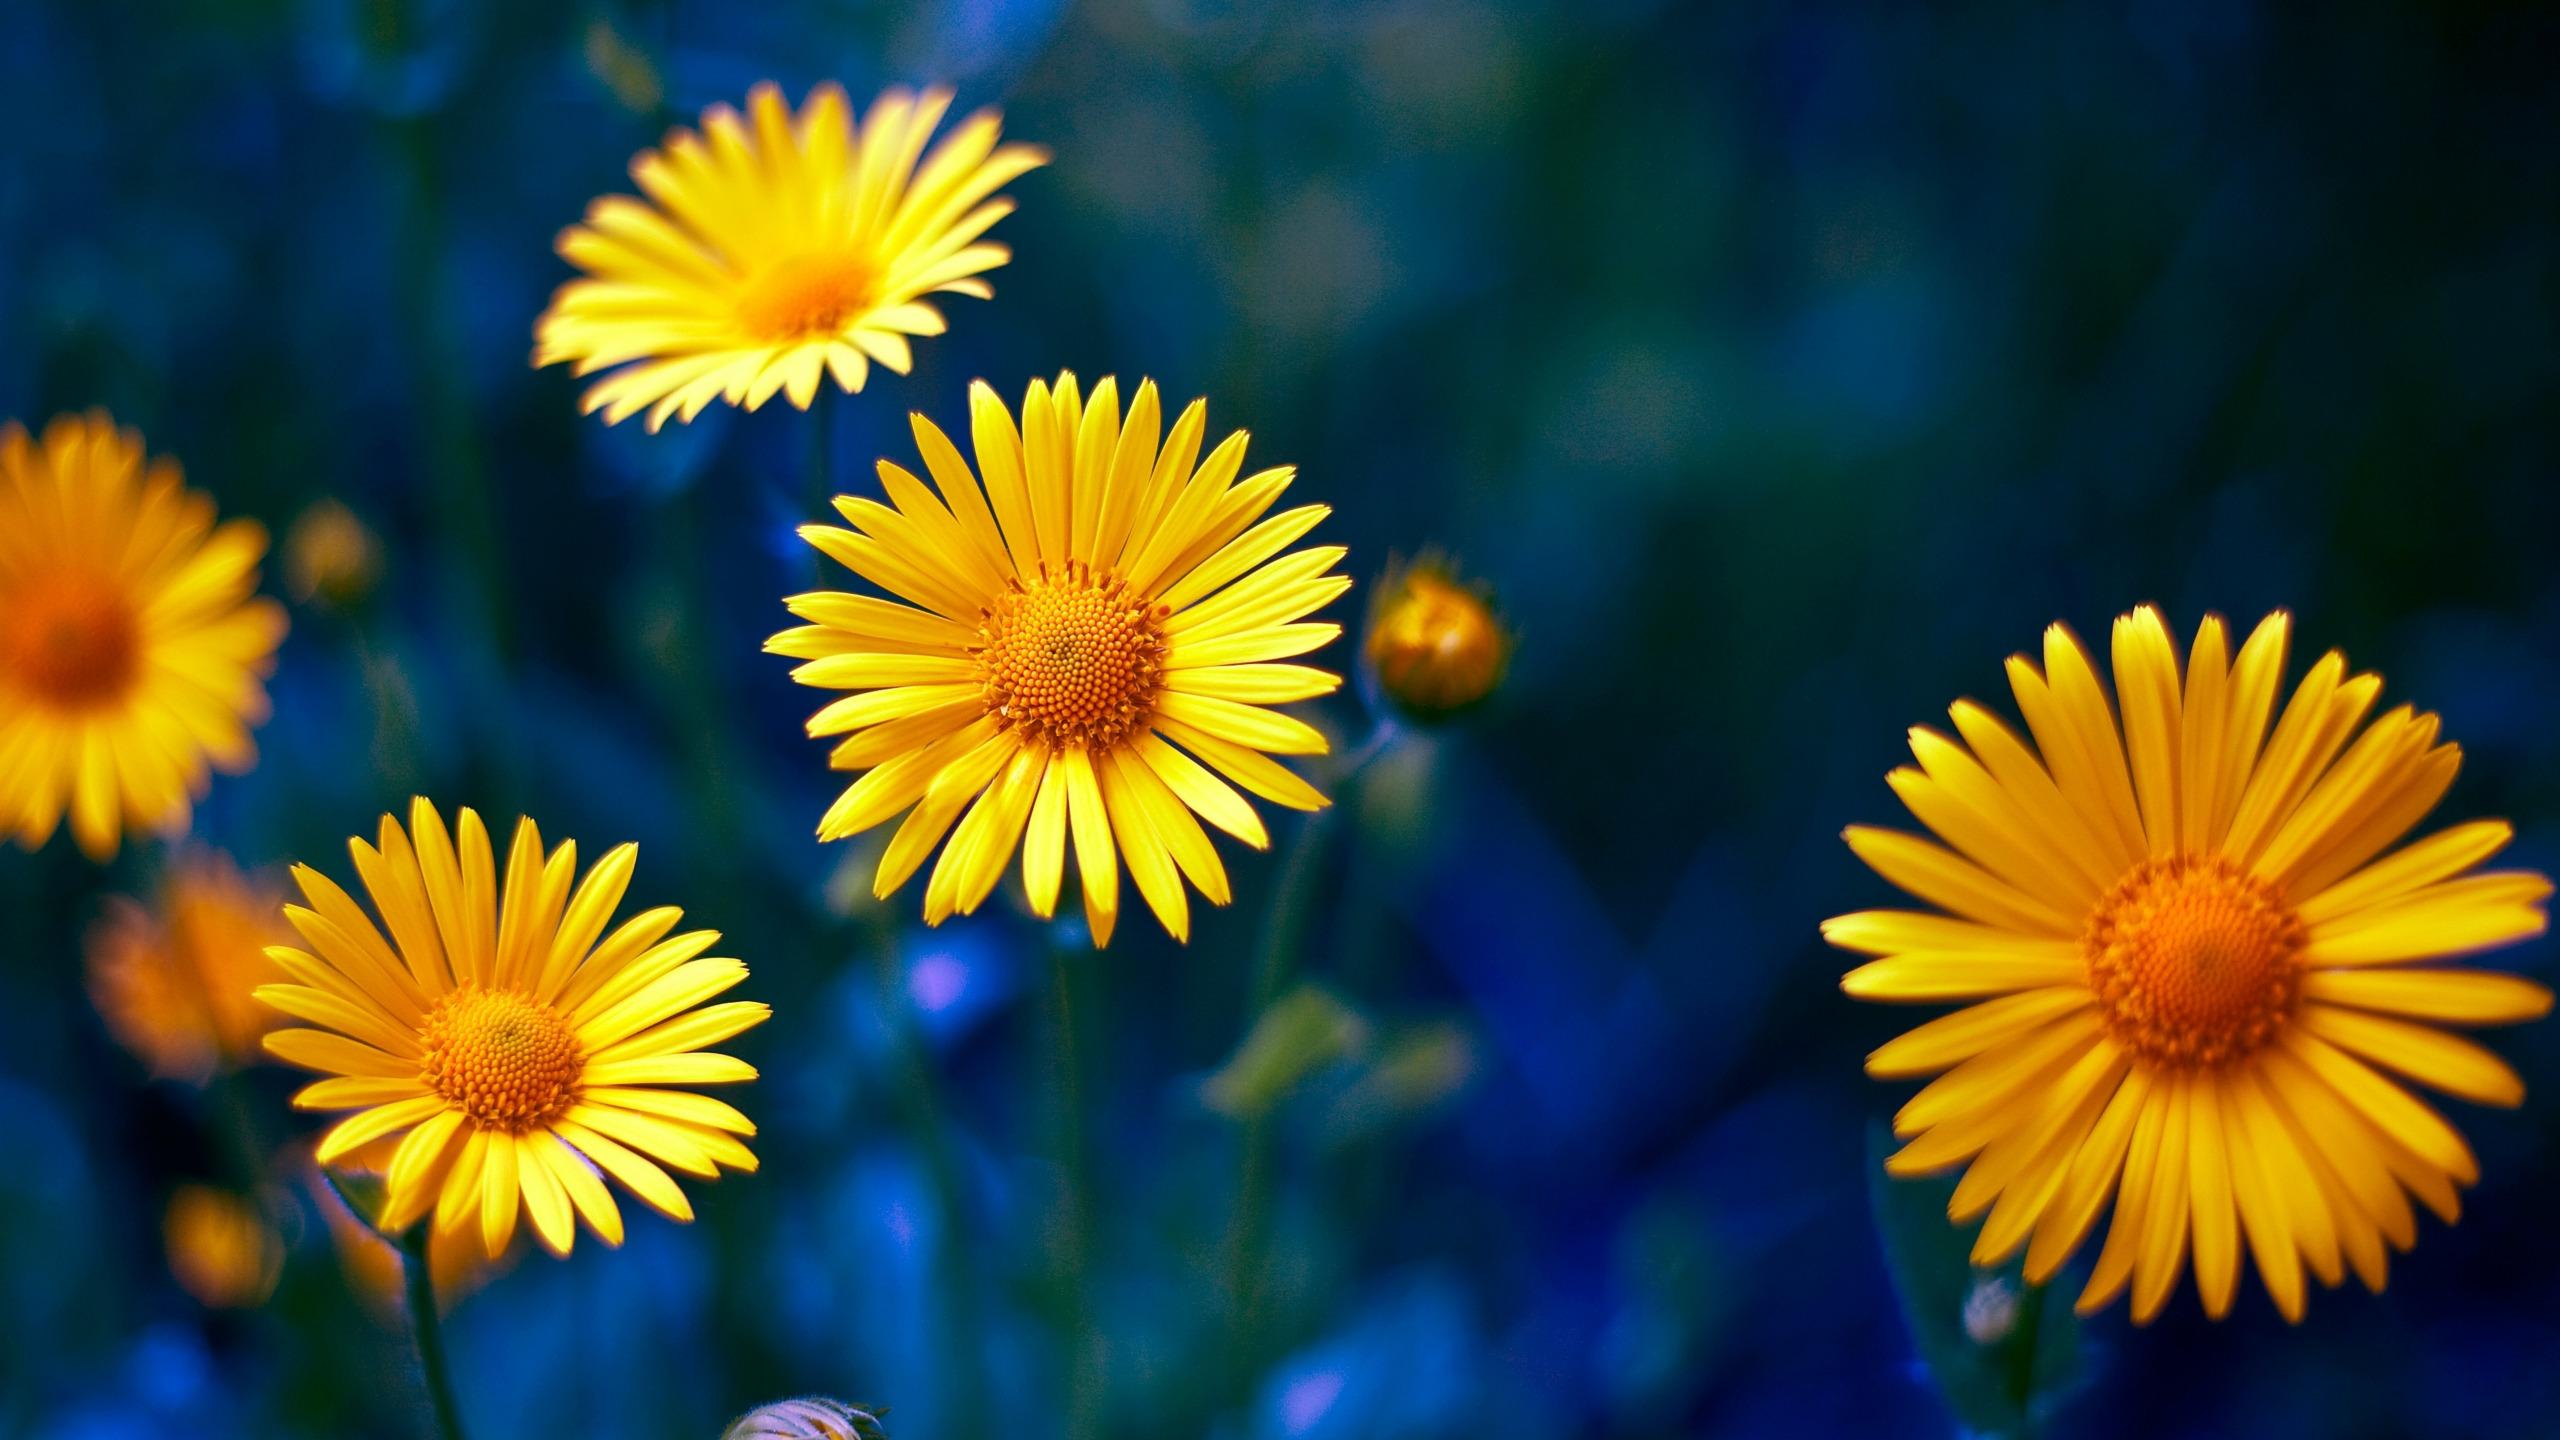 ветреных картинки желтые цветы на синем фоне наличии кухню